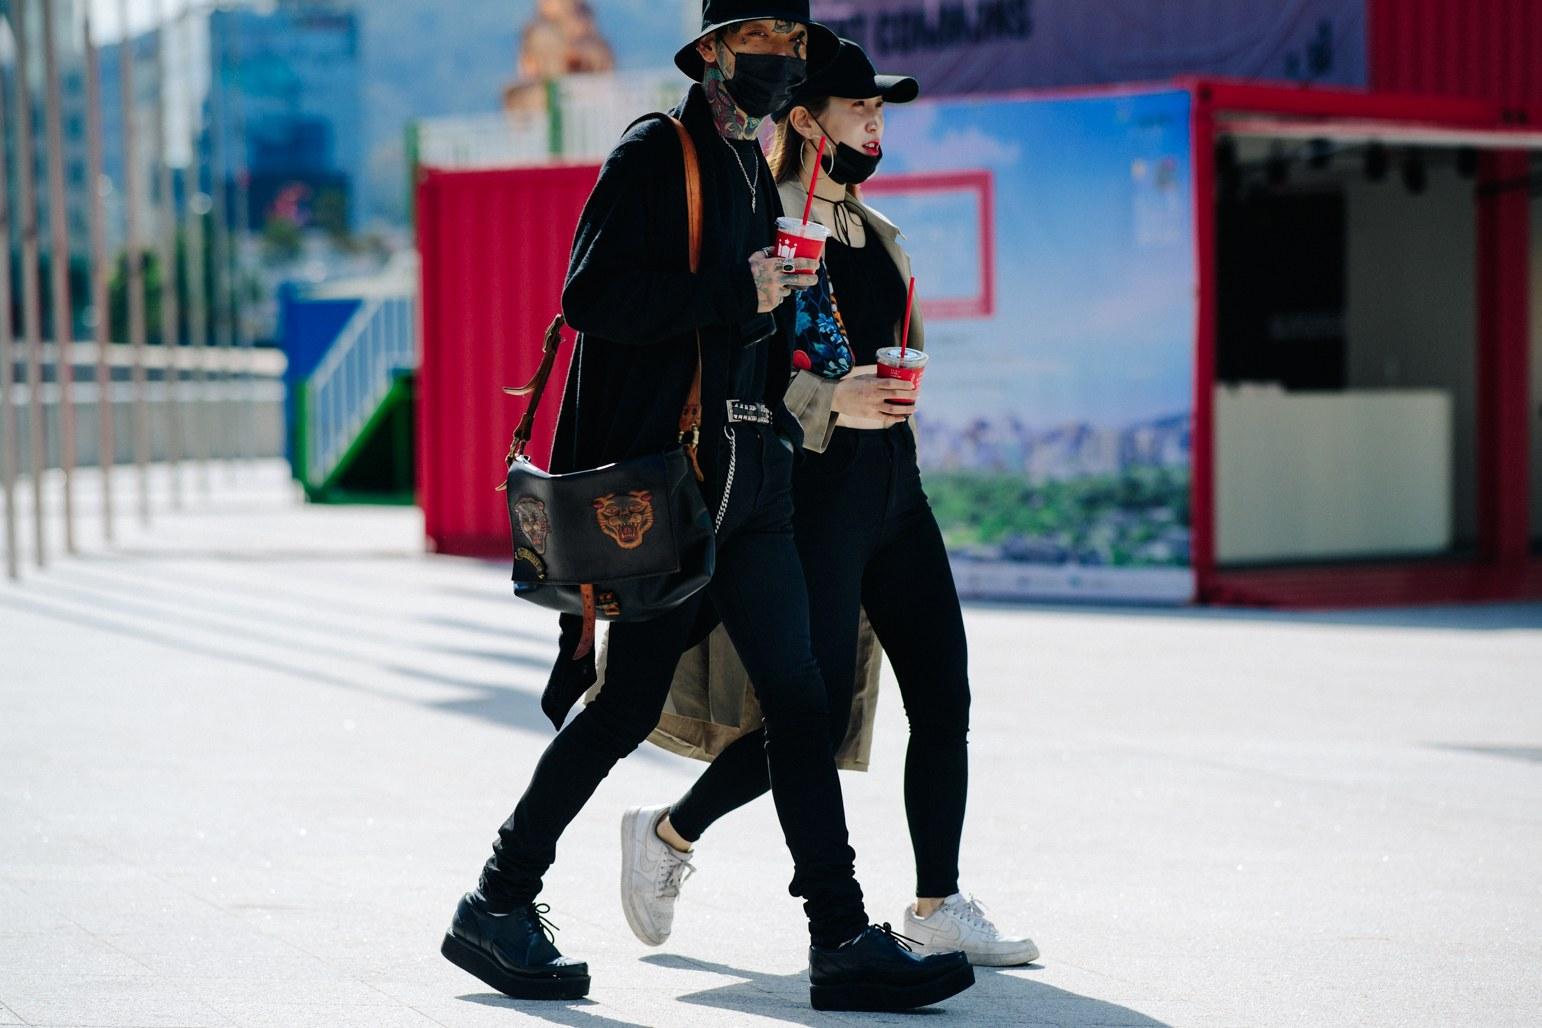 Cac street style look tuyet dep tai Seoul Fashion Week Xuan He 2018 4